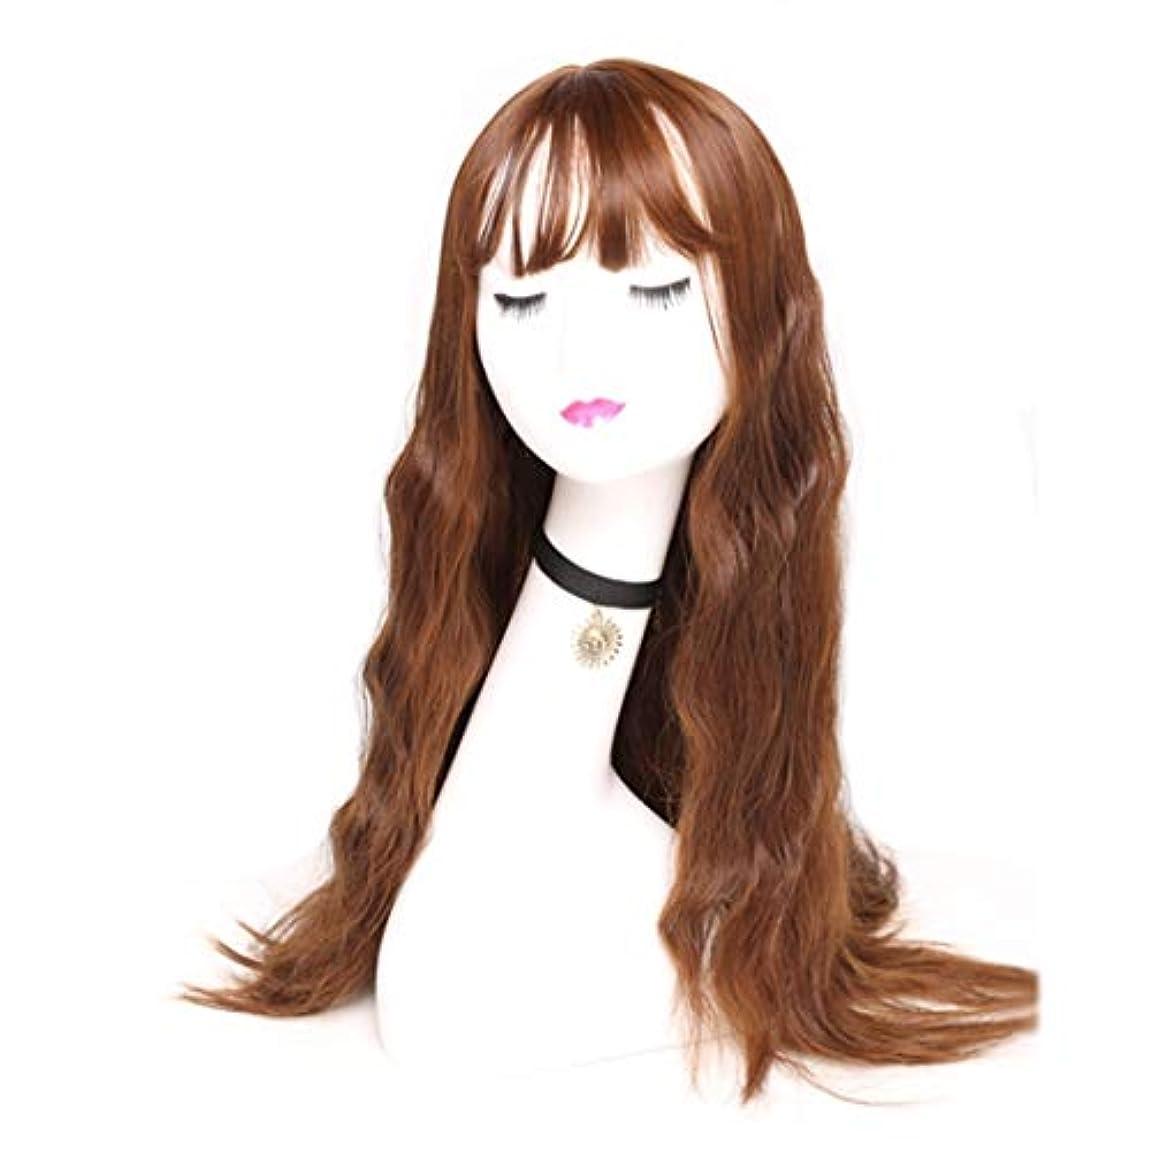 洗練姿を消すブラウズKerwinner 女性のための長い波状の合成かつら茶色のかつらかつら